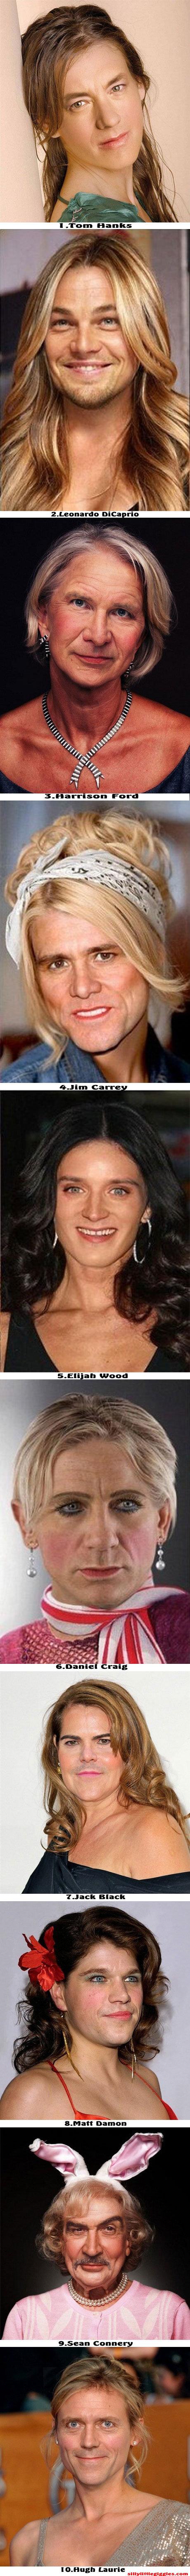 Male celebrities as women. Source: www.facebook.com/SillyLittleGiggles sillylittlegiggles.com/male-celebriti.... 7.. lack Black Male Celebrities women Photoshop